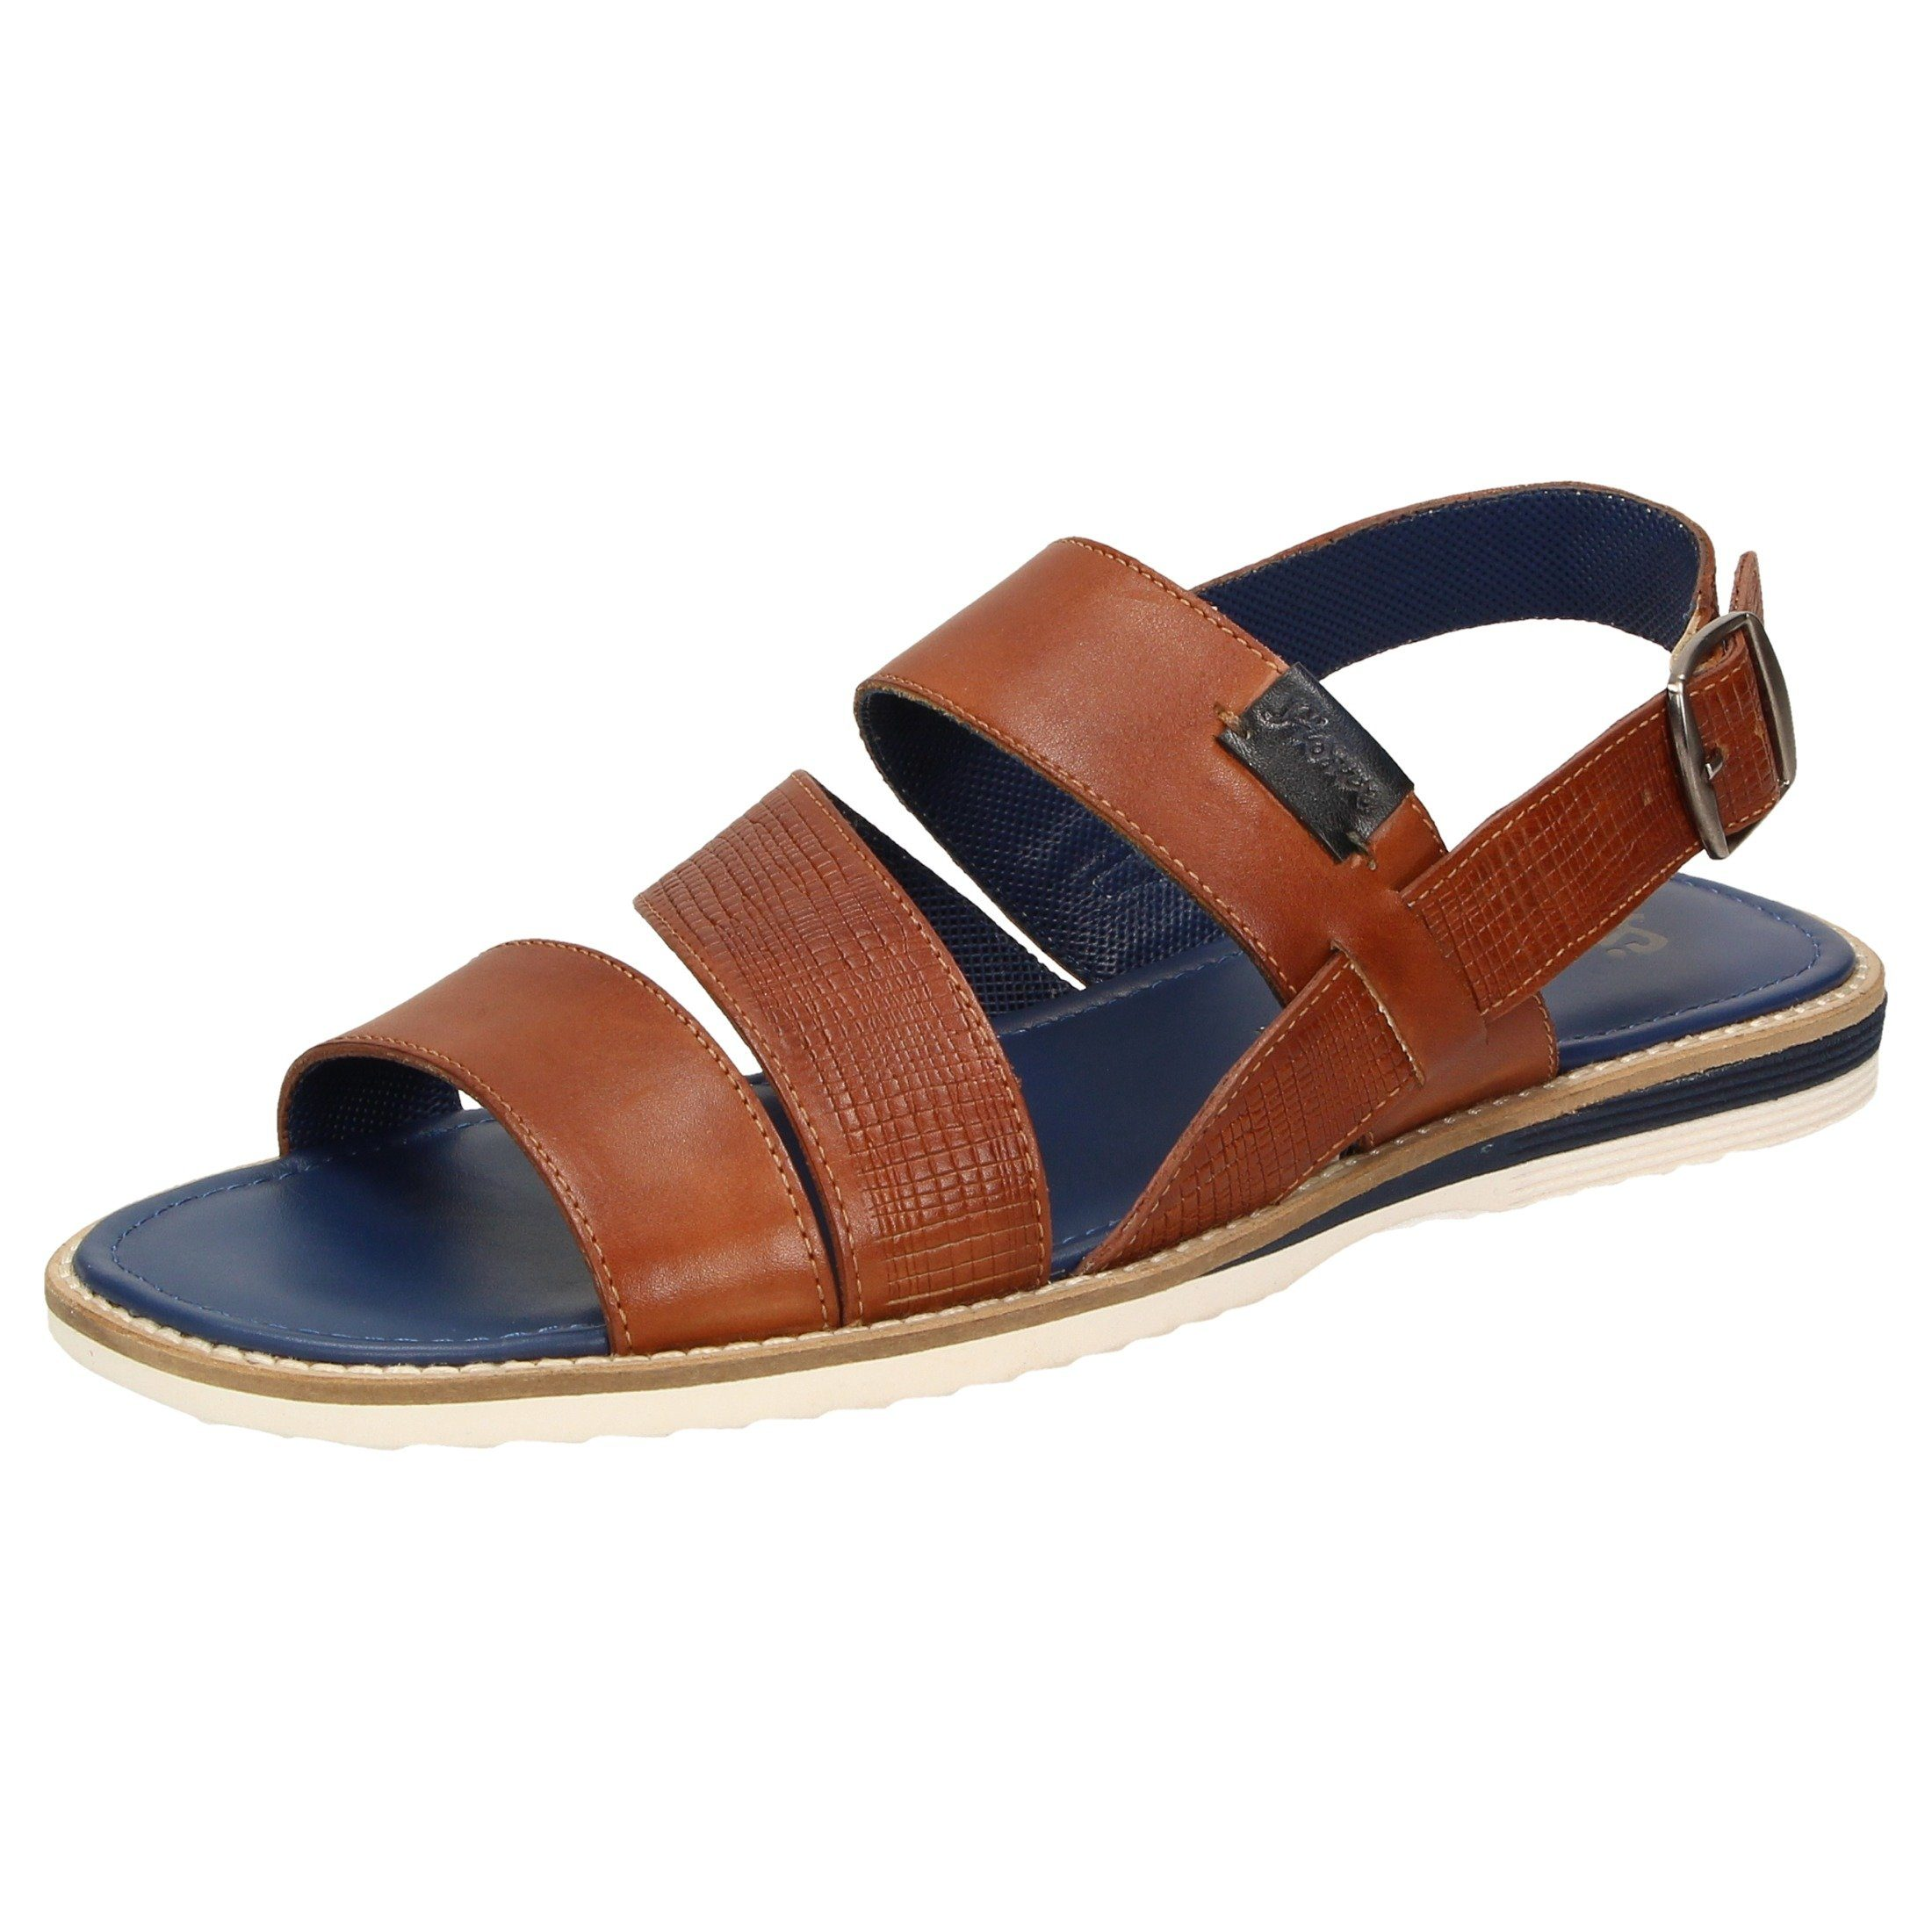 SIOUX Sandale Milito-701 | Schuhe > Sandalen & Zehentrenner > Sandalen | Braun | Sioux